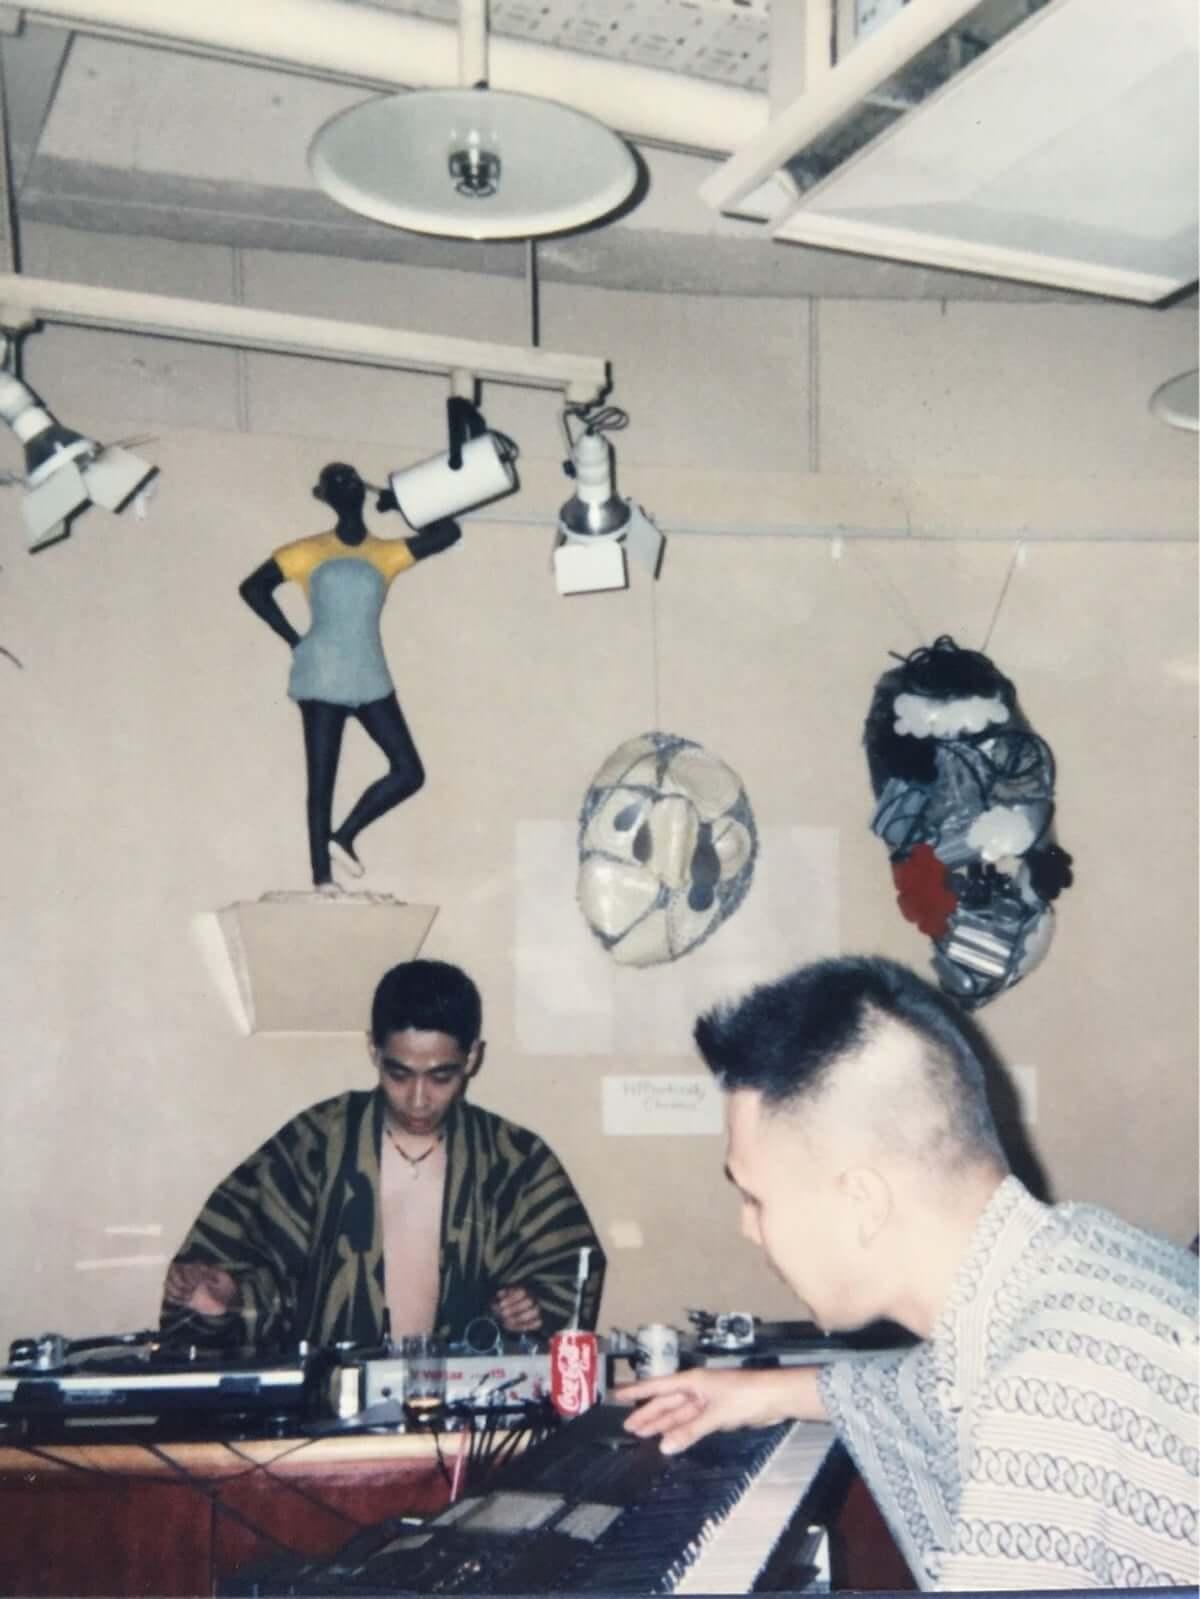 【対談 Soichi Terada × Shinichiro Yokota】ハウスシーンの世界的な大事件!2人による19年ぶりのコラボライブ life-fashion180912-taito-2-1200x1599